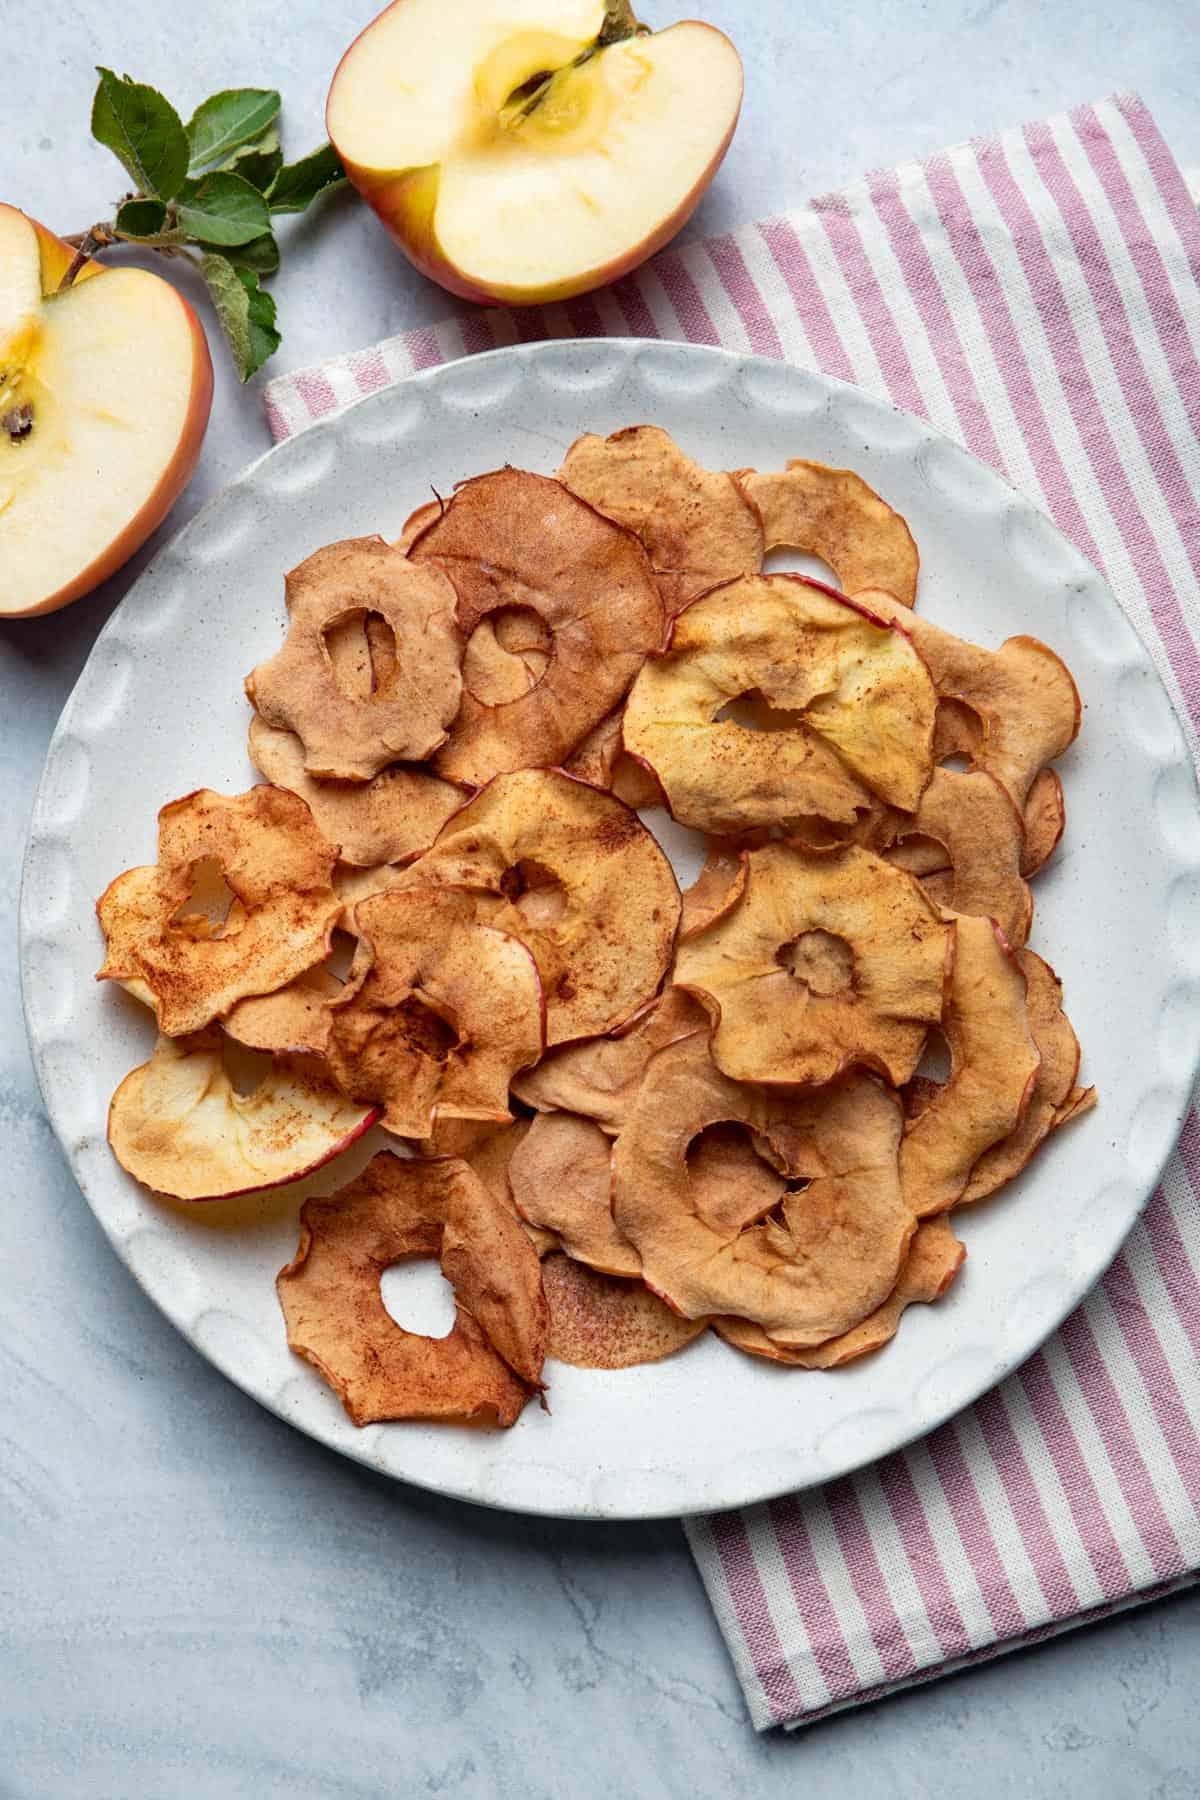 Plate full of apple chips